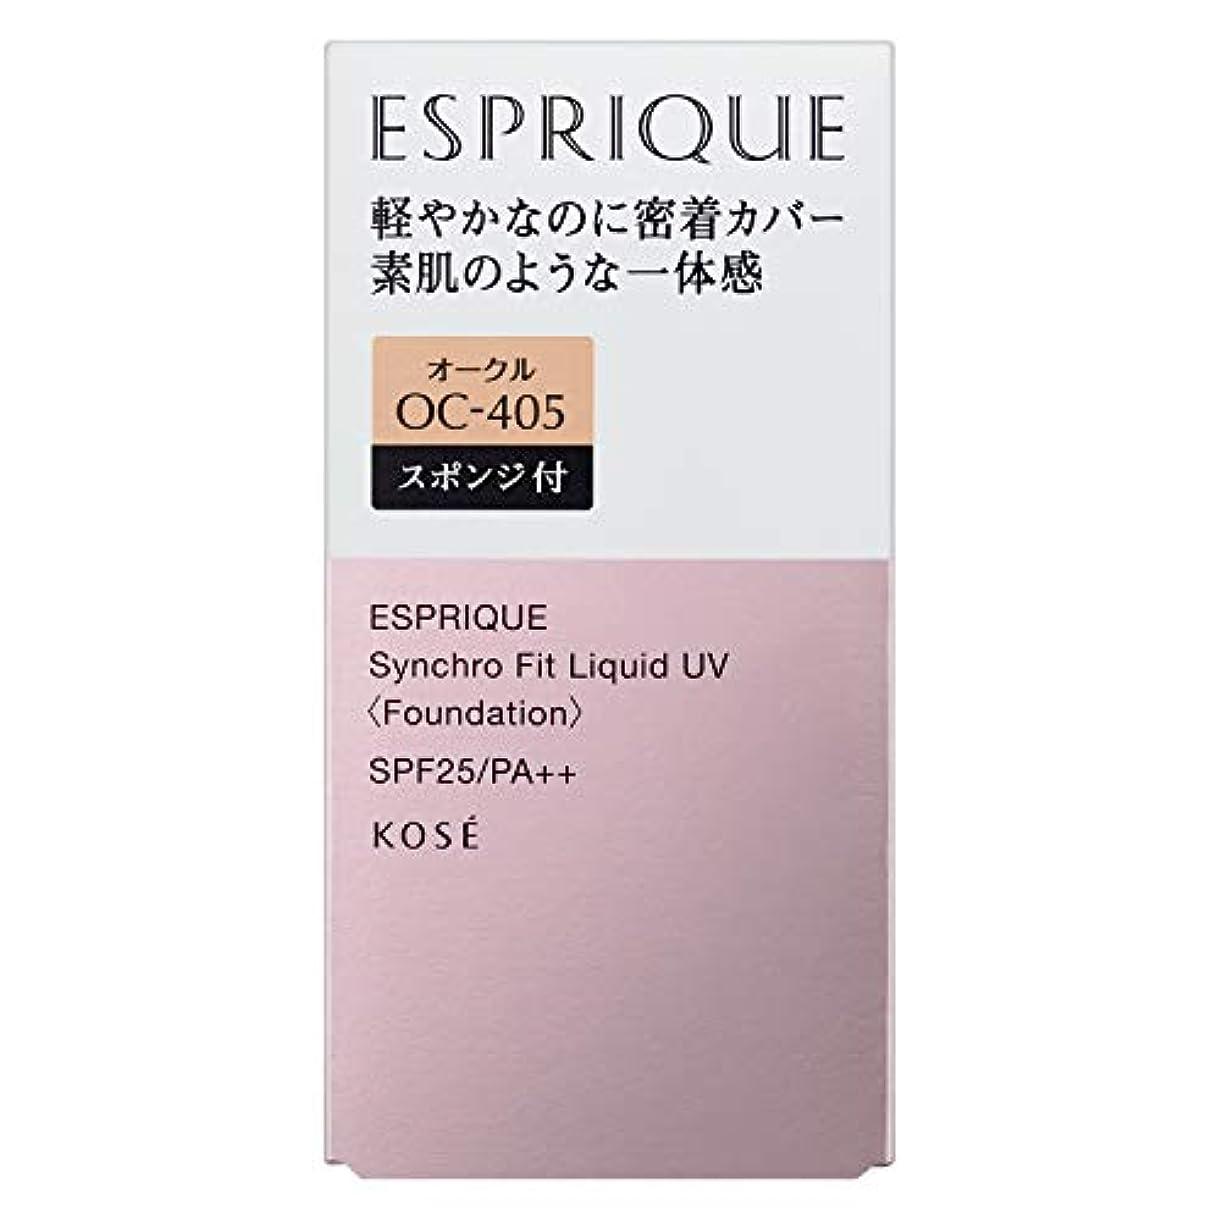 ラウンジ是正ショルダーESPRIQUE(エスプリーク) エスプリーク シンクロフィット リキッド UV ファンデーション 無香料 OC-405 オークル 30g